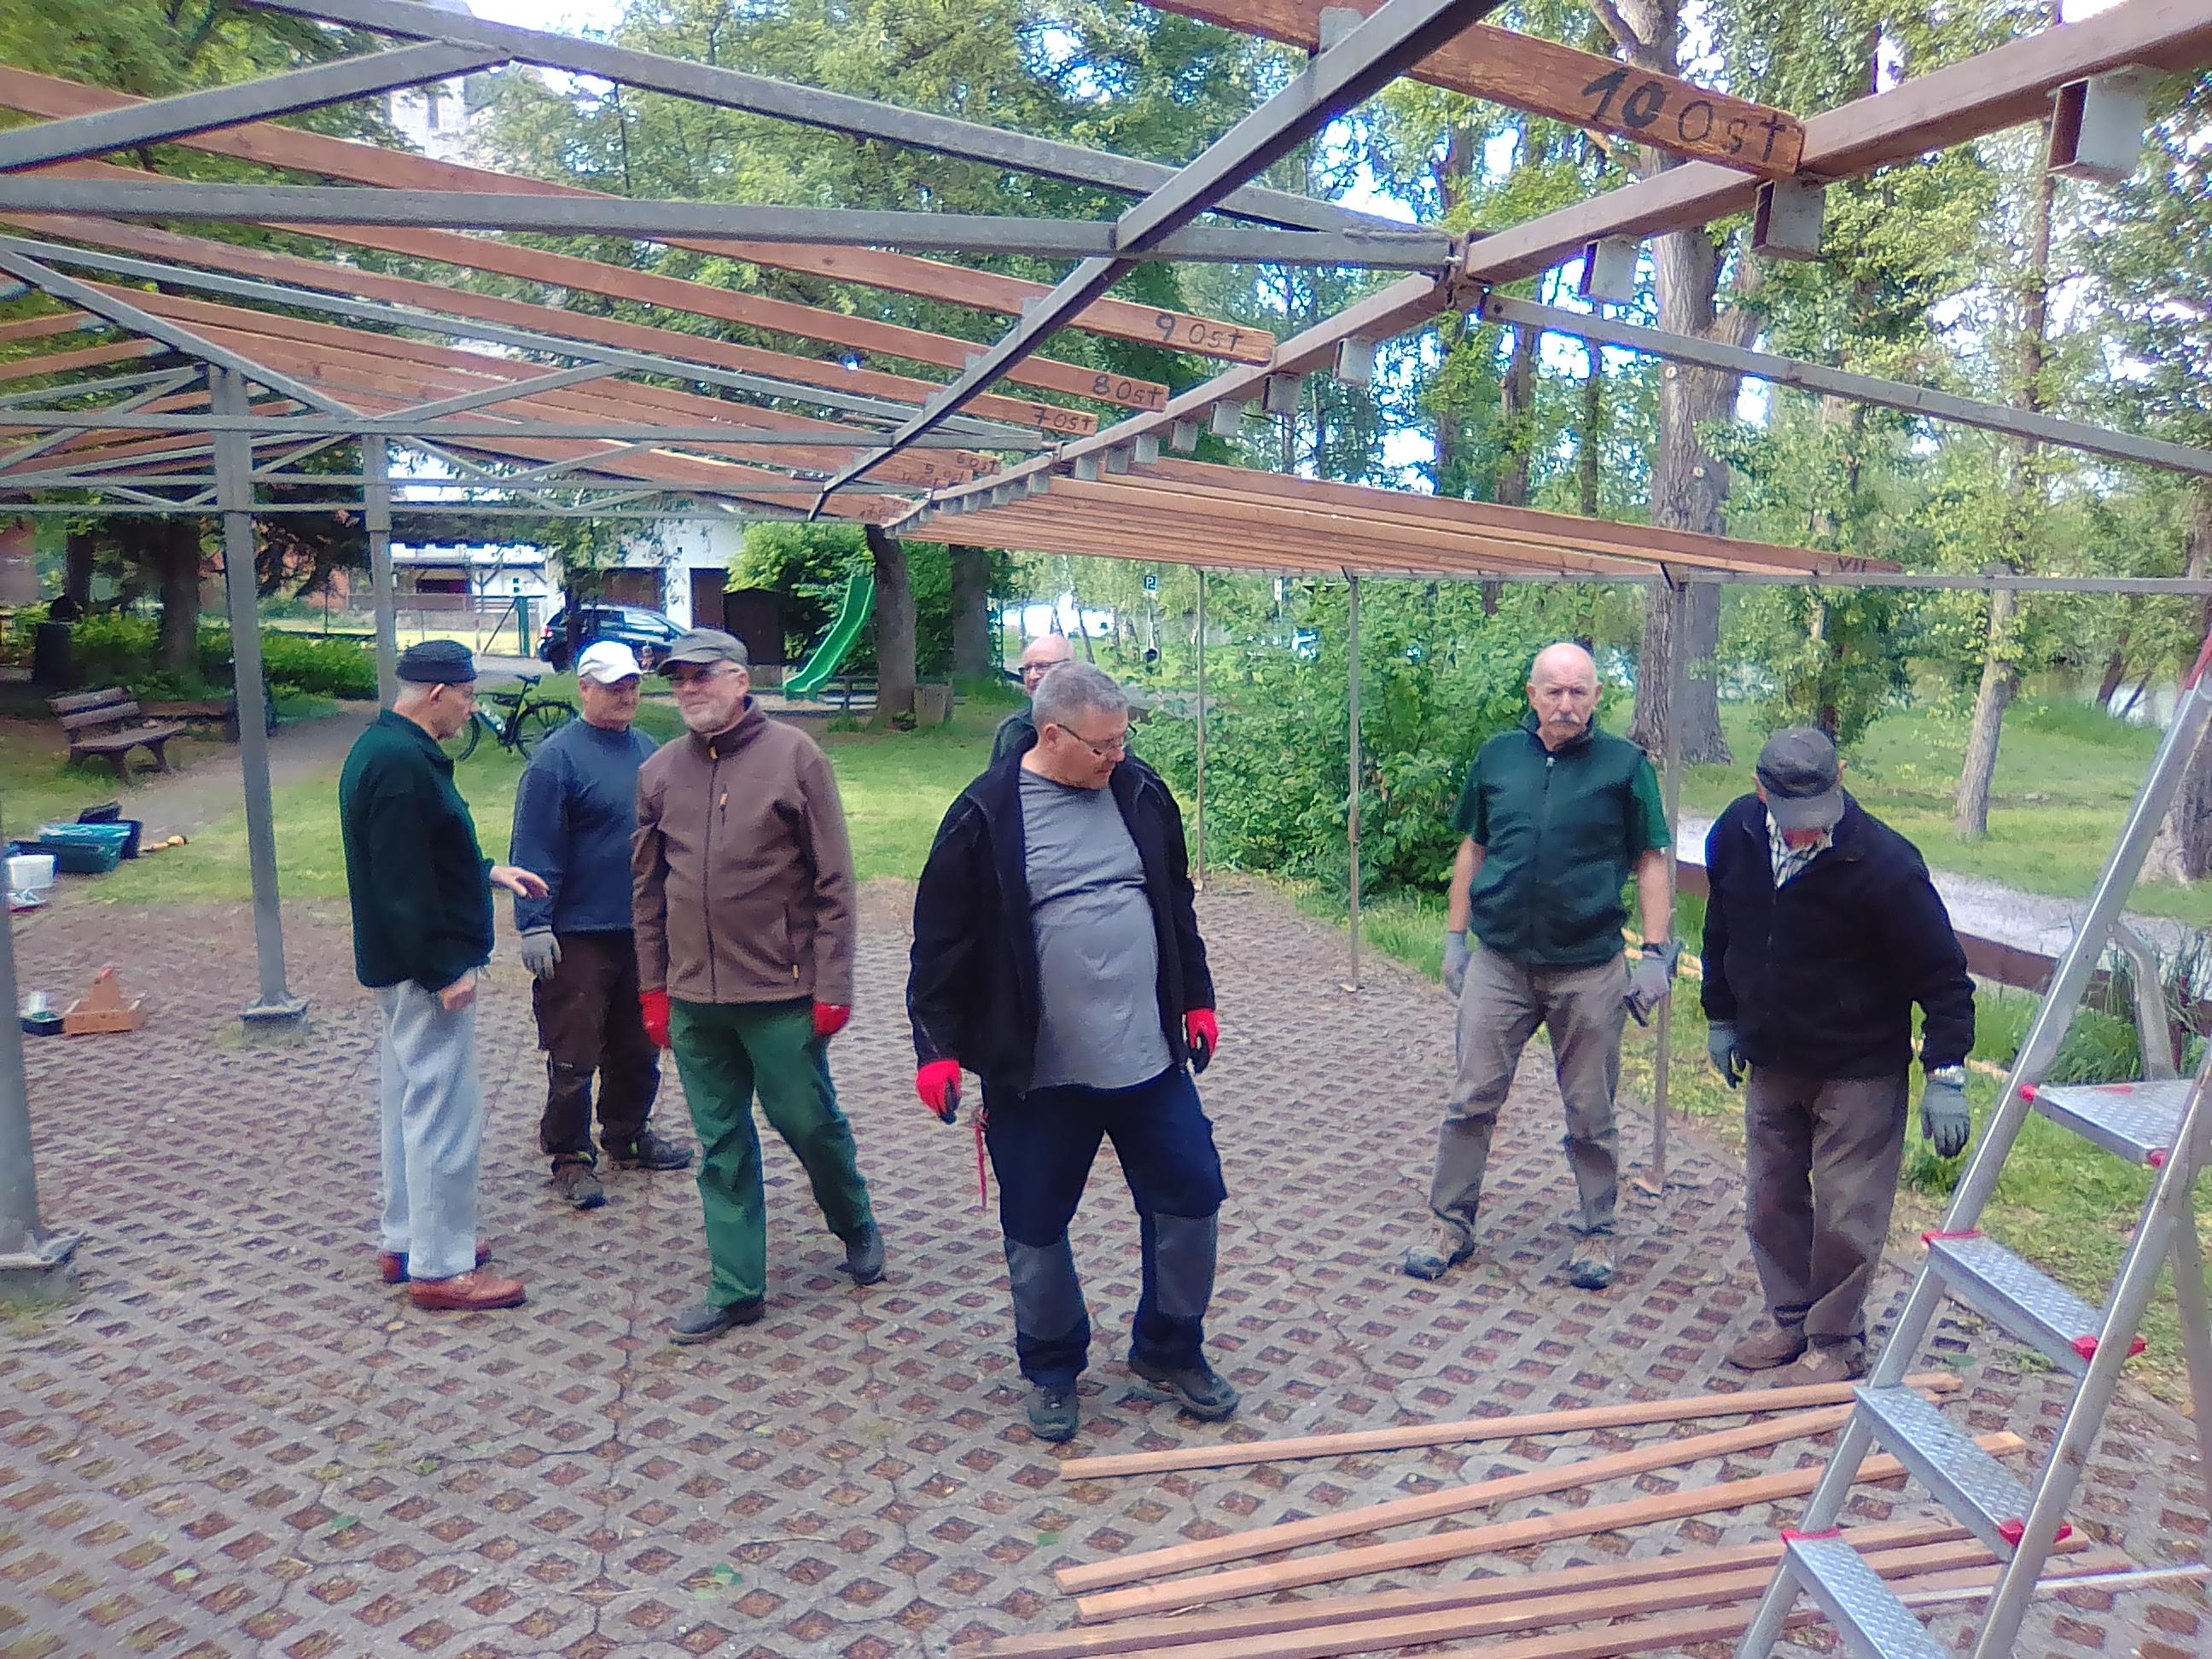 Zeltaufbau am Dienstag, dem 14. Mai 2019